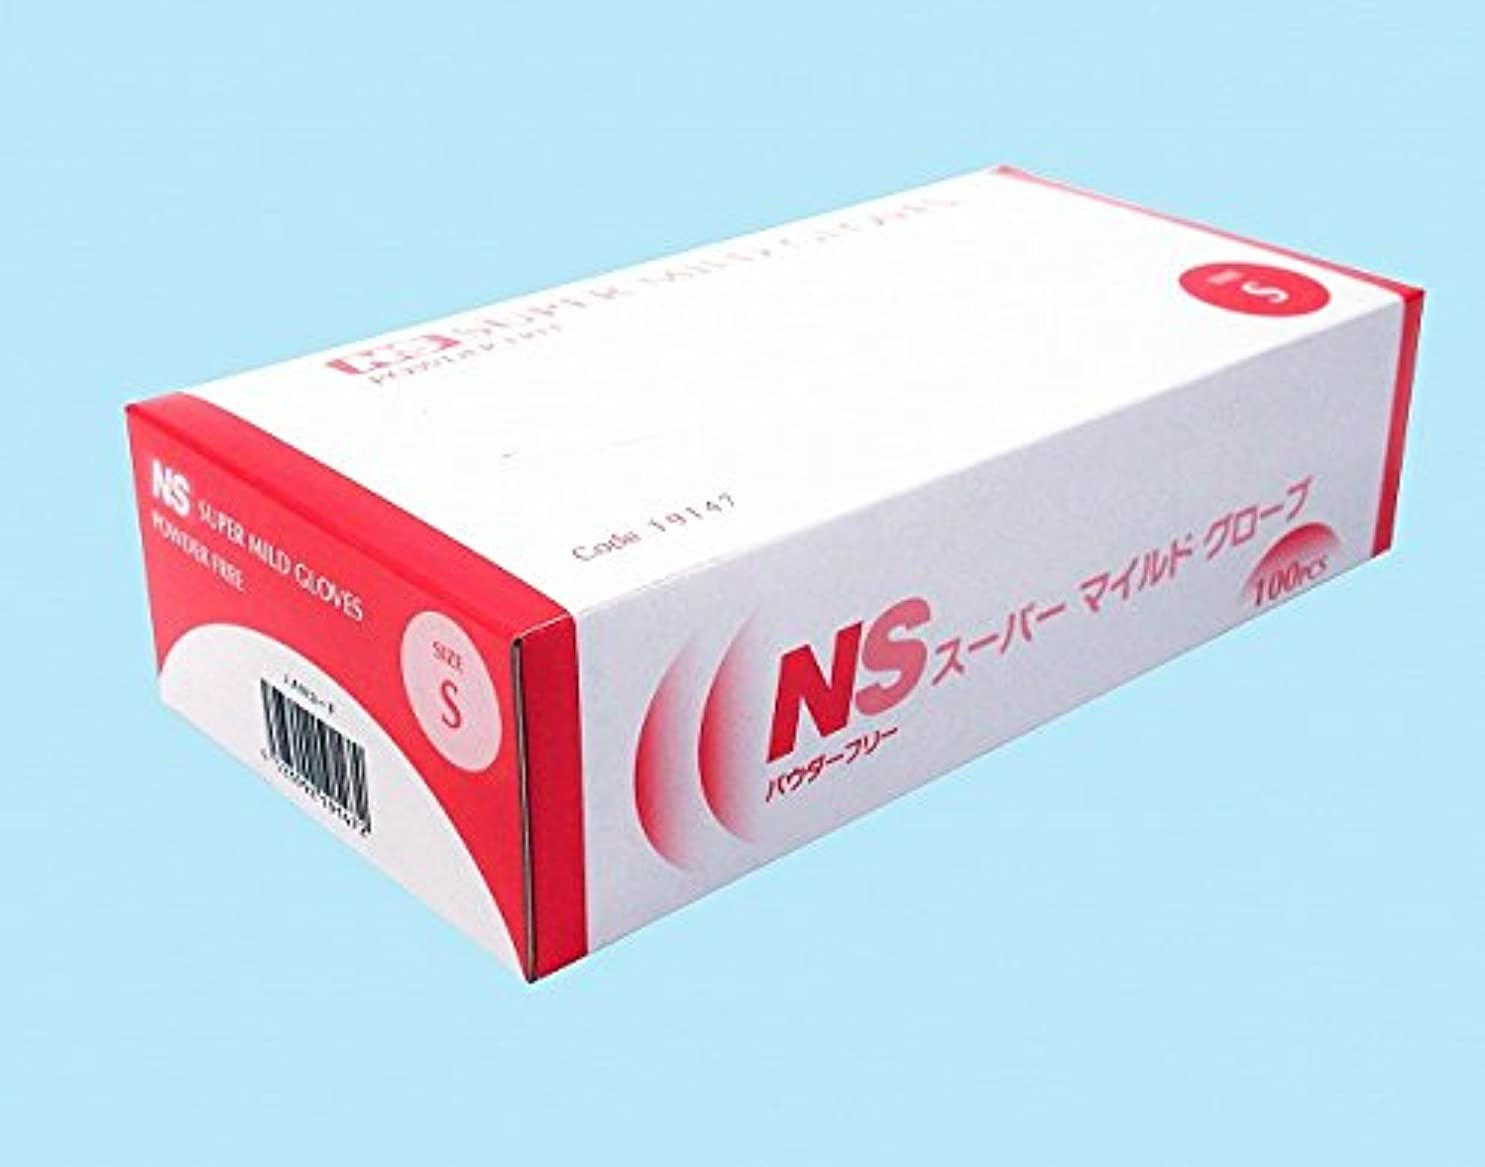 交換ぬいぐるみ頑丈【日昭産業】NS スーパーマイルド プラスチック手袋 パウダーフリー S 100枚*20箱入り (ケース販売)